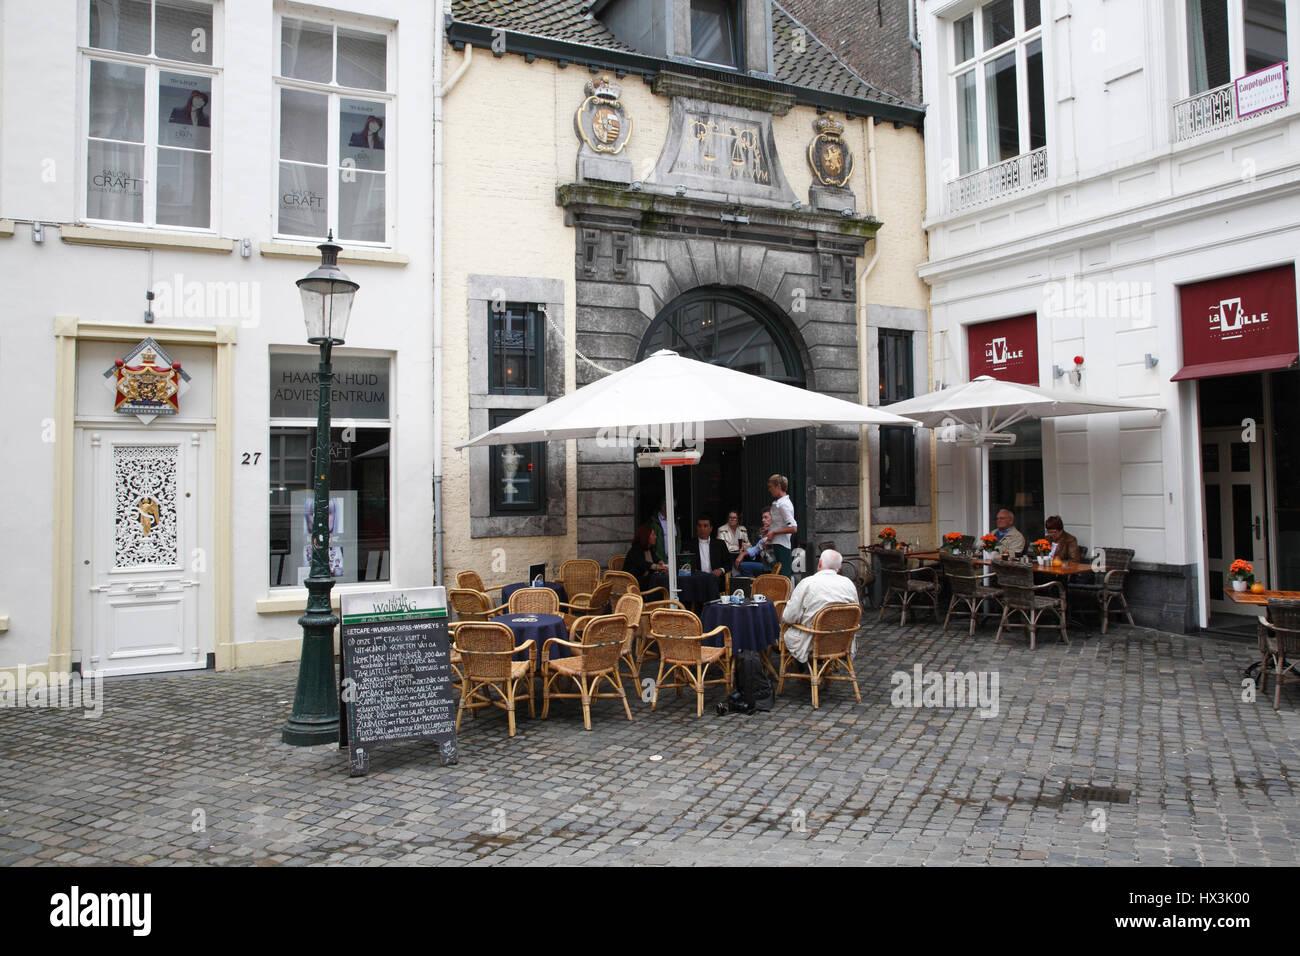 Pavement cafe, Maastricht, Limburg, Netherlands, Europe - Stock Image